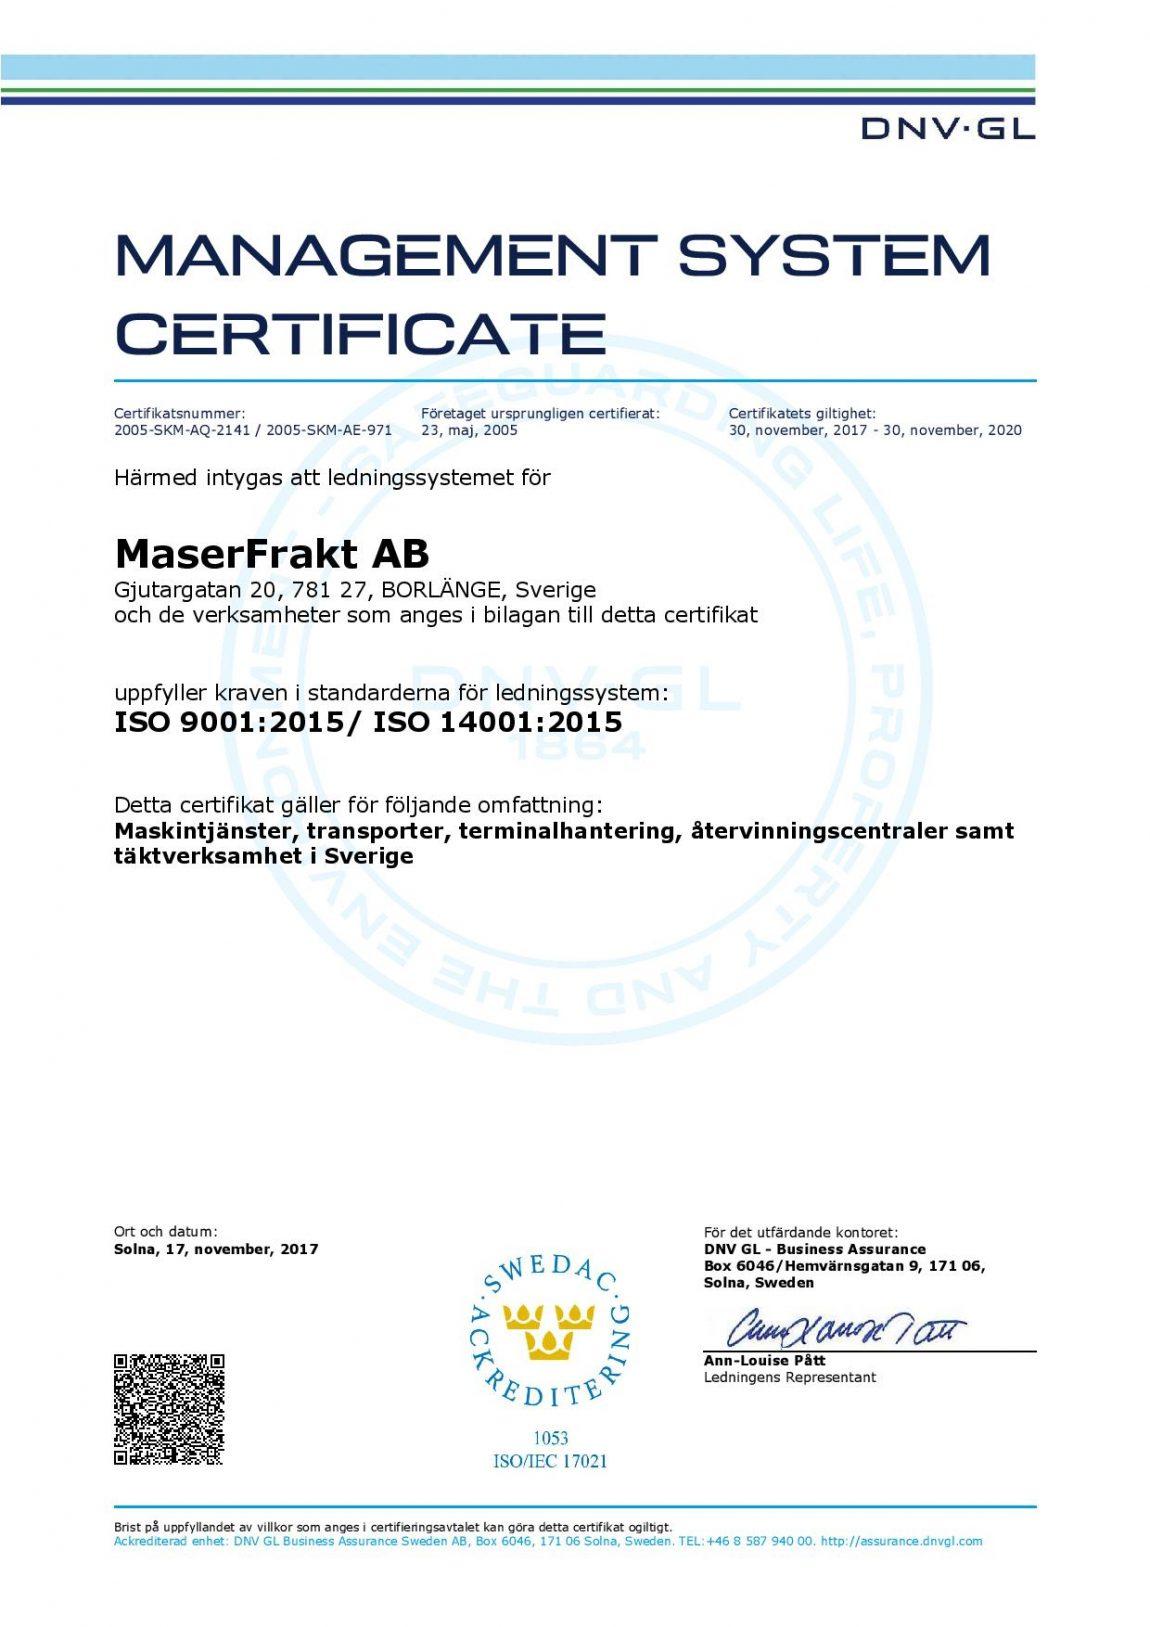 MaserFrakt-AB-2017-sid-1.jpg